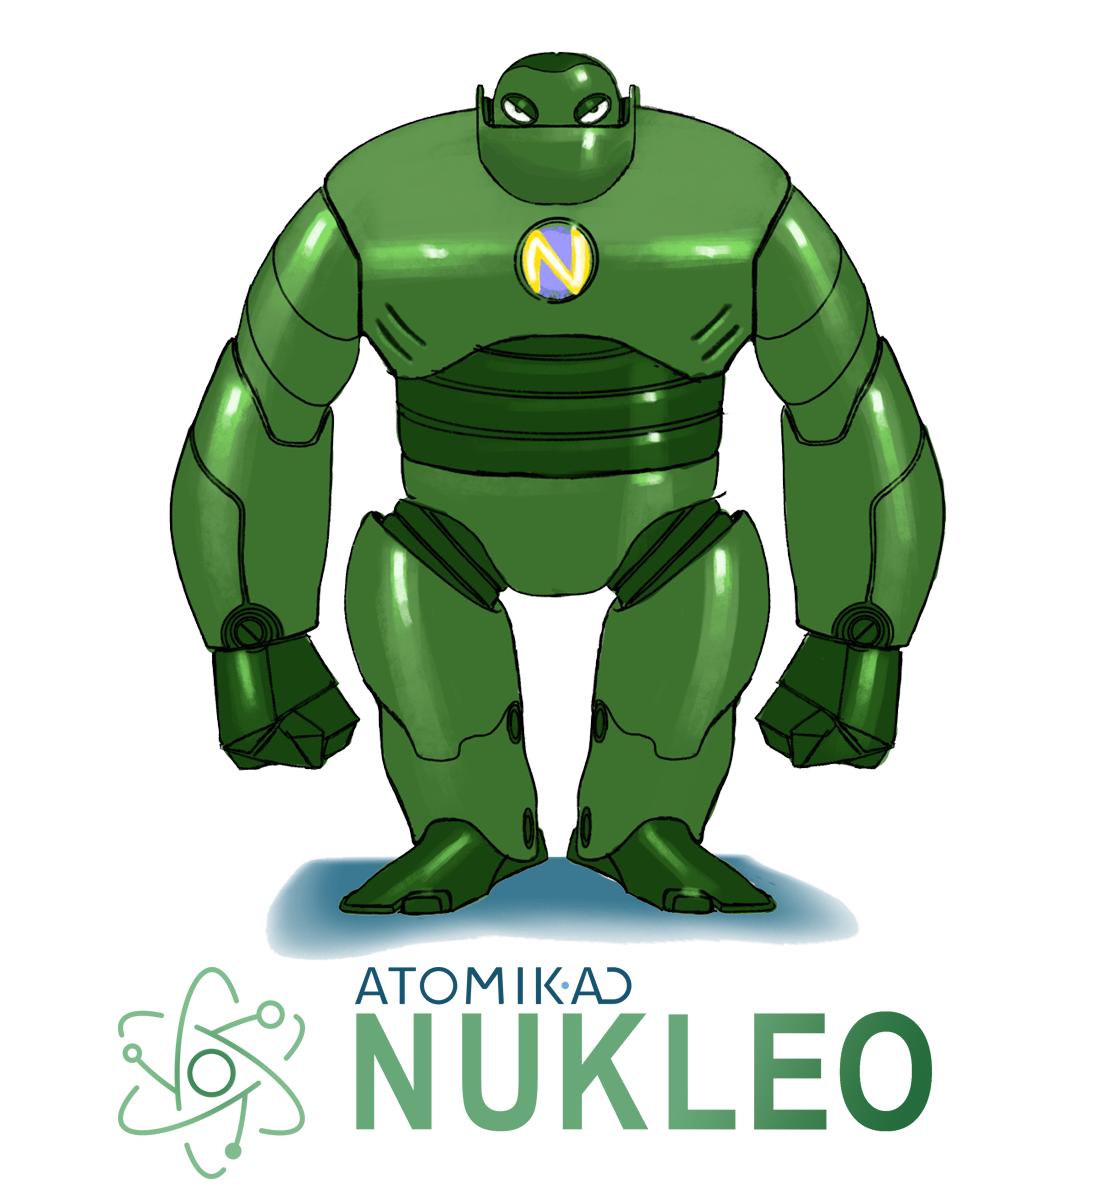 Nukleo Personaggio